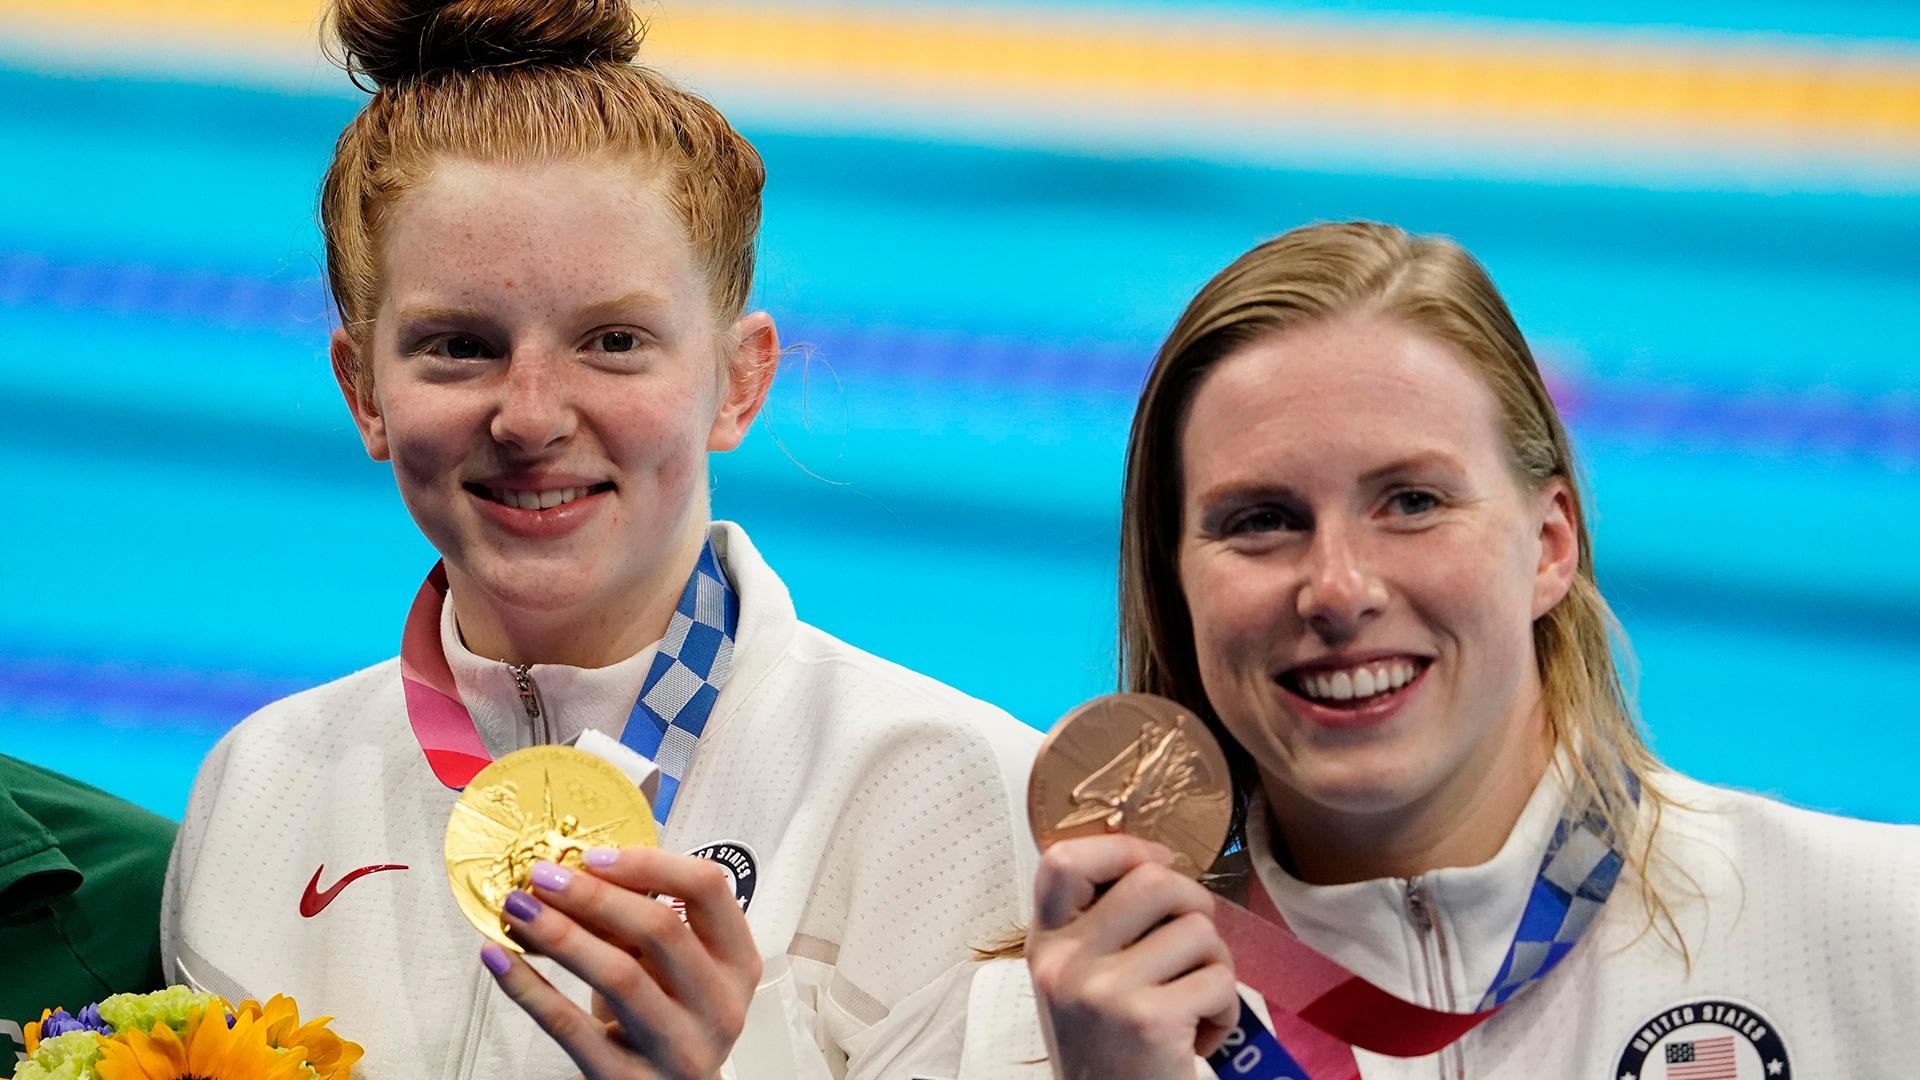 Alaskan teen swimmer Lydia Jacoby stuns in breaststroke win